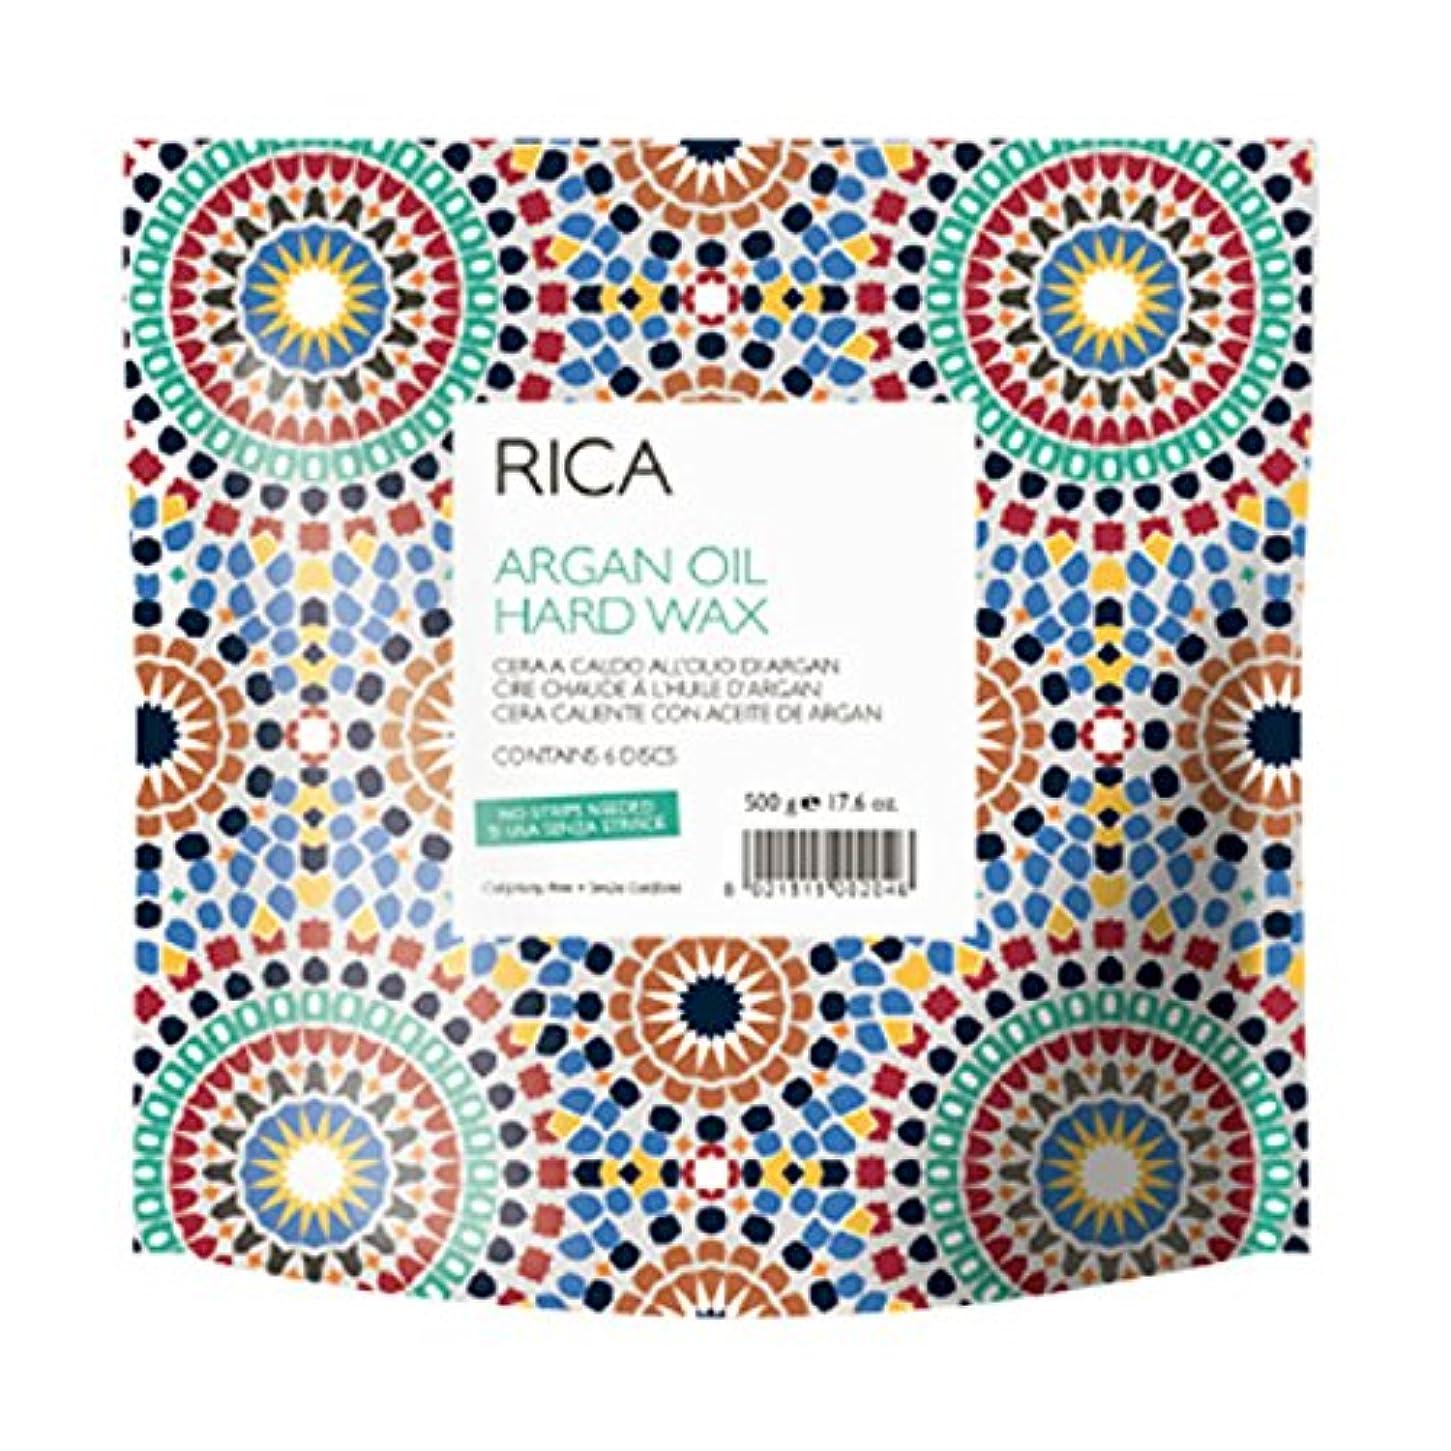 ジレンマ好きである中央値RICA ハードワックス(アルガンオイル)500g